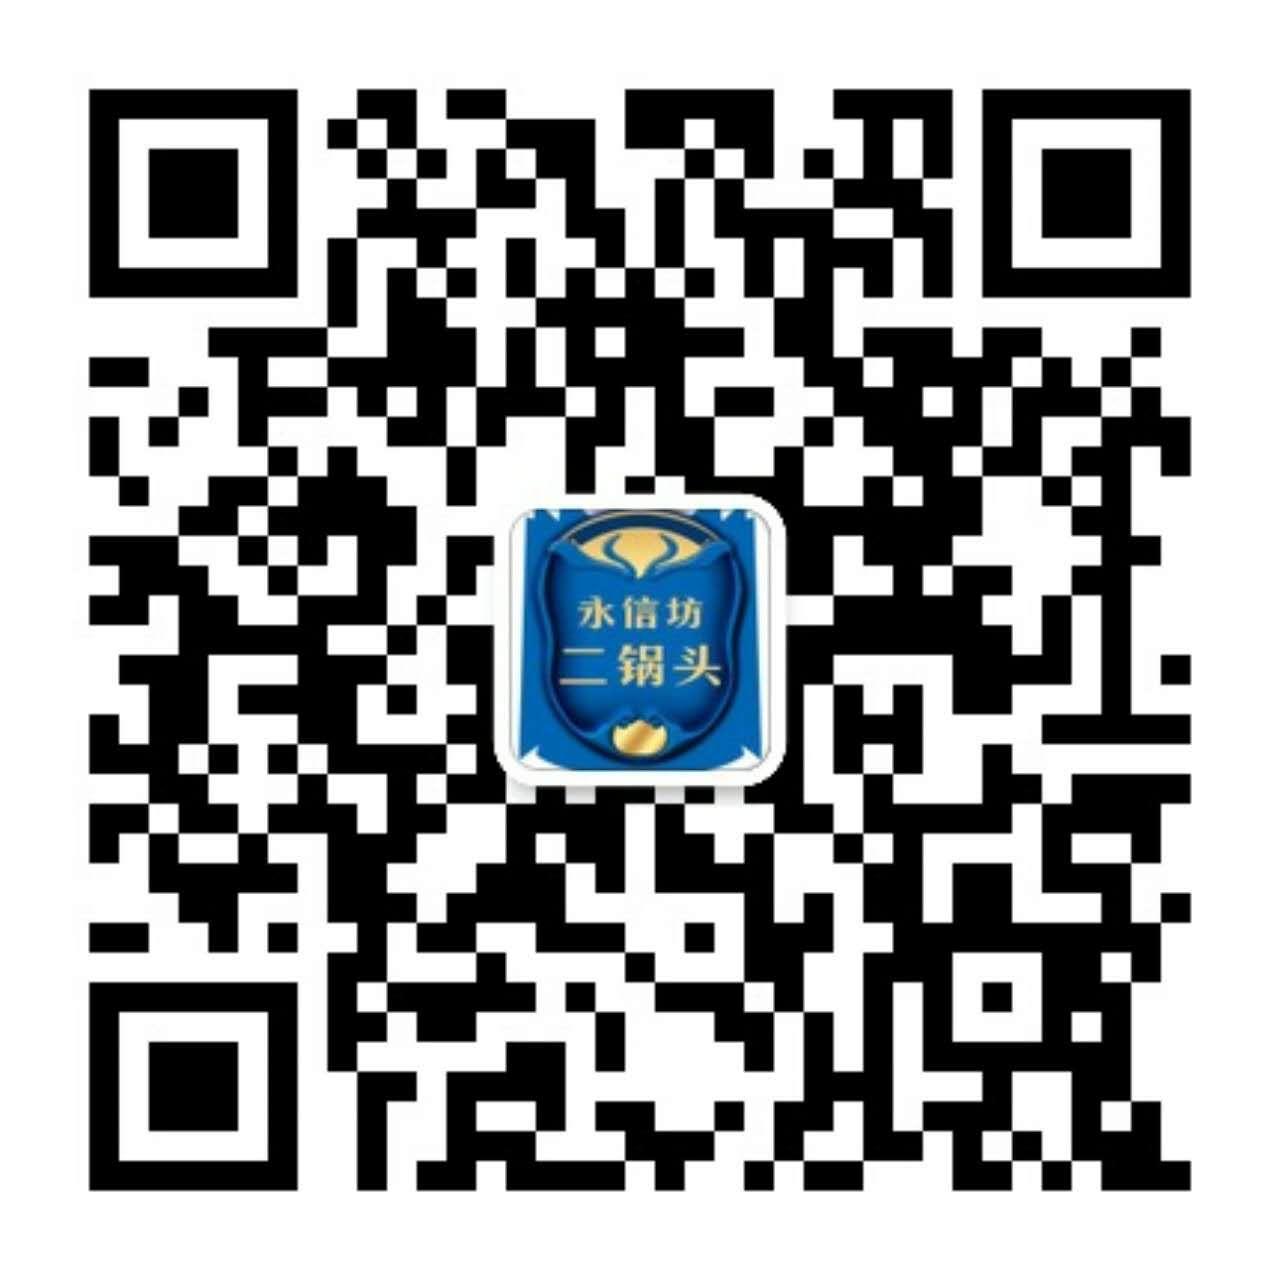 永信坊二锅头品牌运营中心手机网站